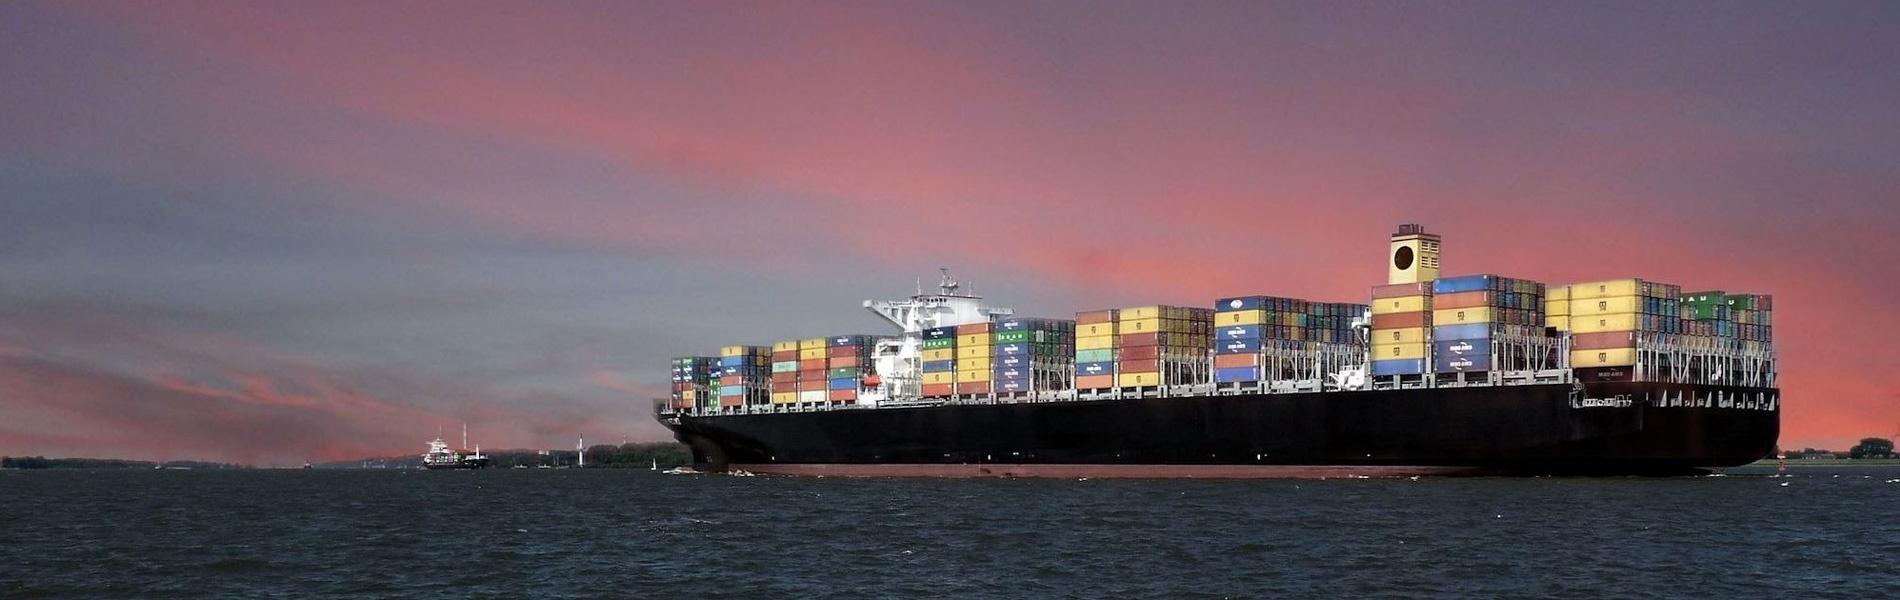 台湾ヤマトの海上輸送